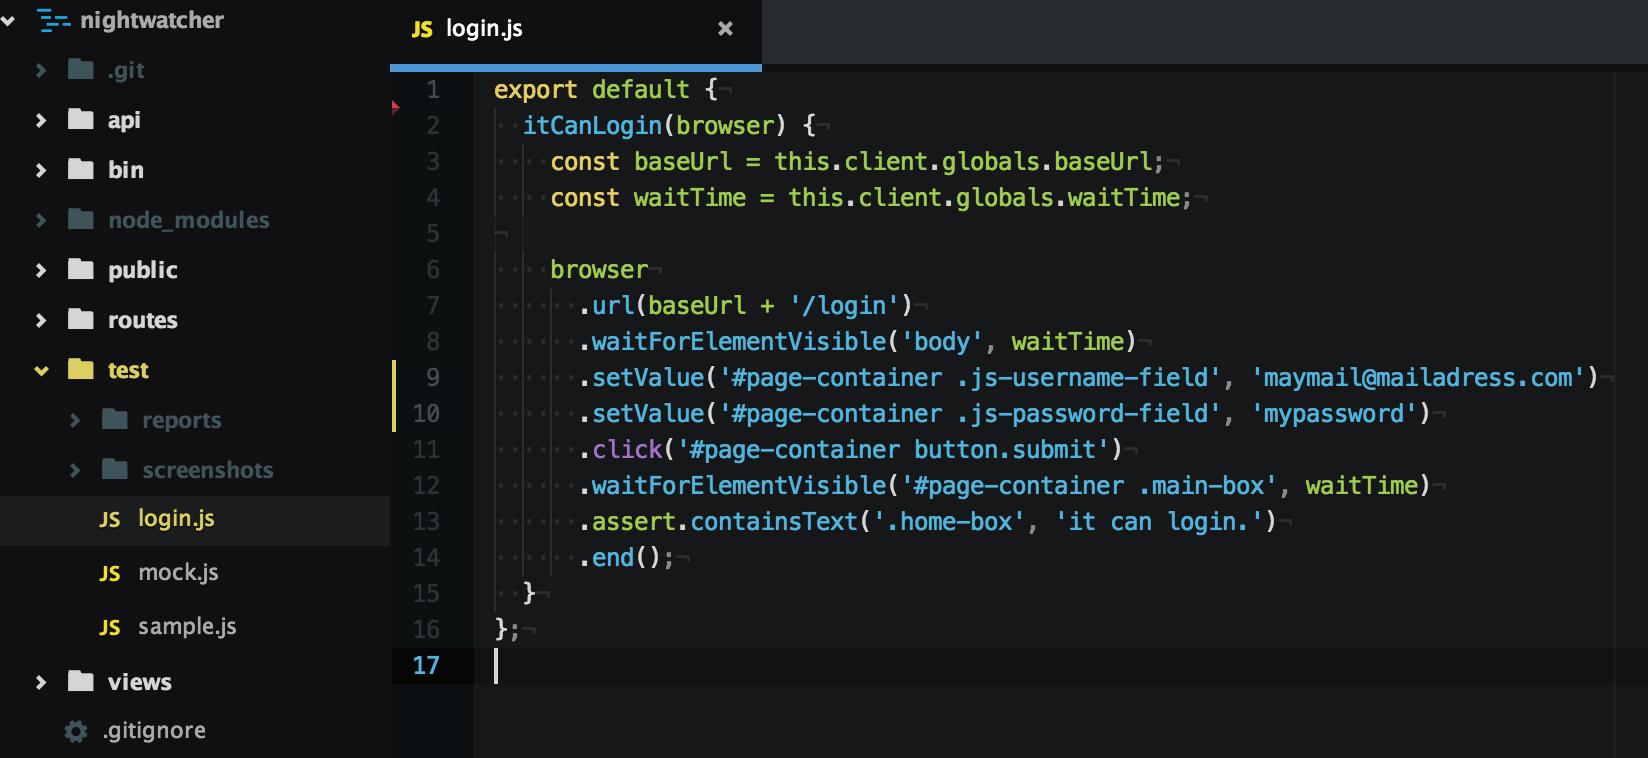 Nightwatch.jsをE2Eテストフレームワークとして実プロジェクトに適用する時のtipsまとめ